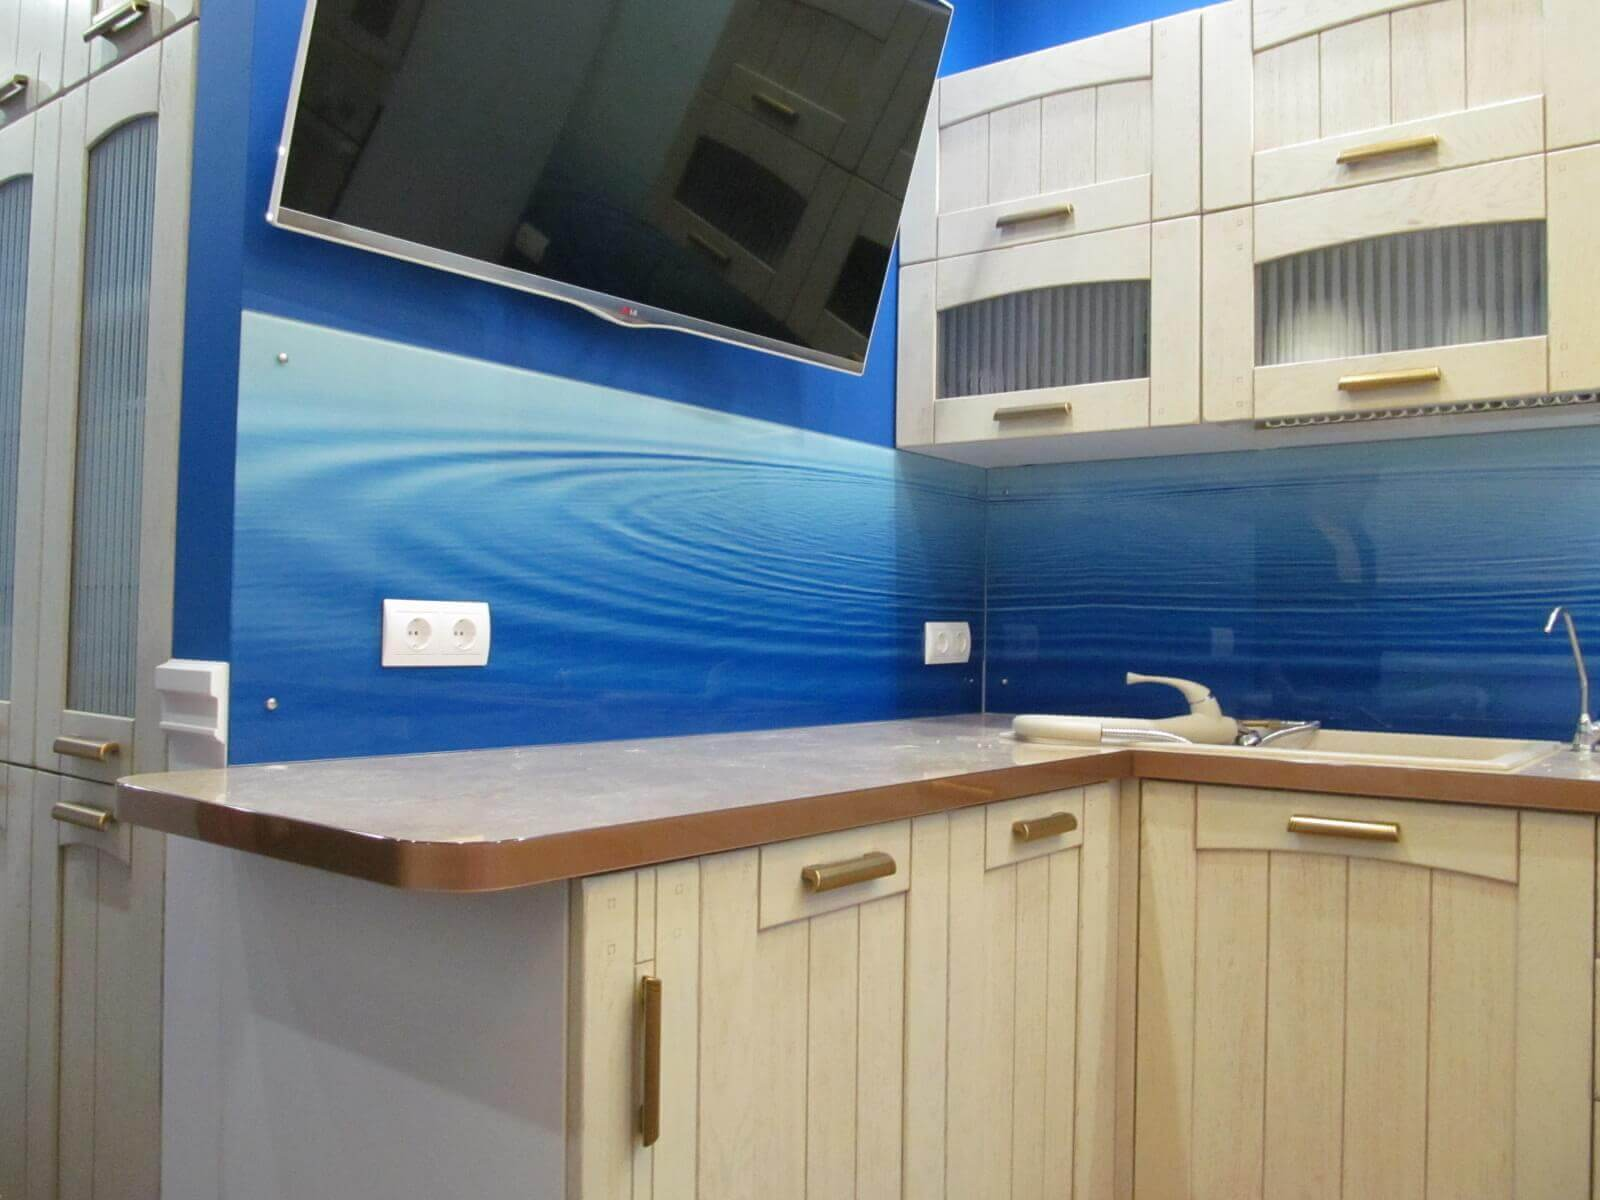 Кухонный стеклянный фартук с изображением воды